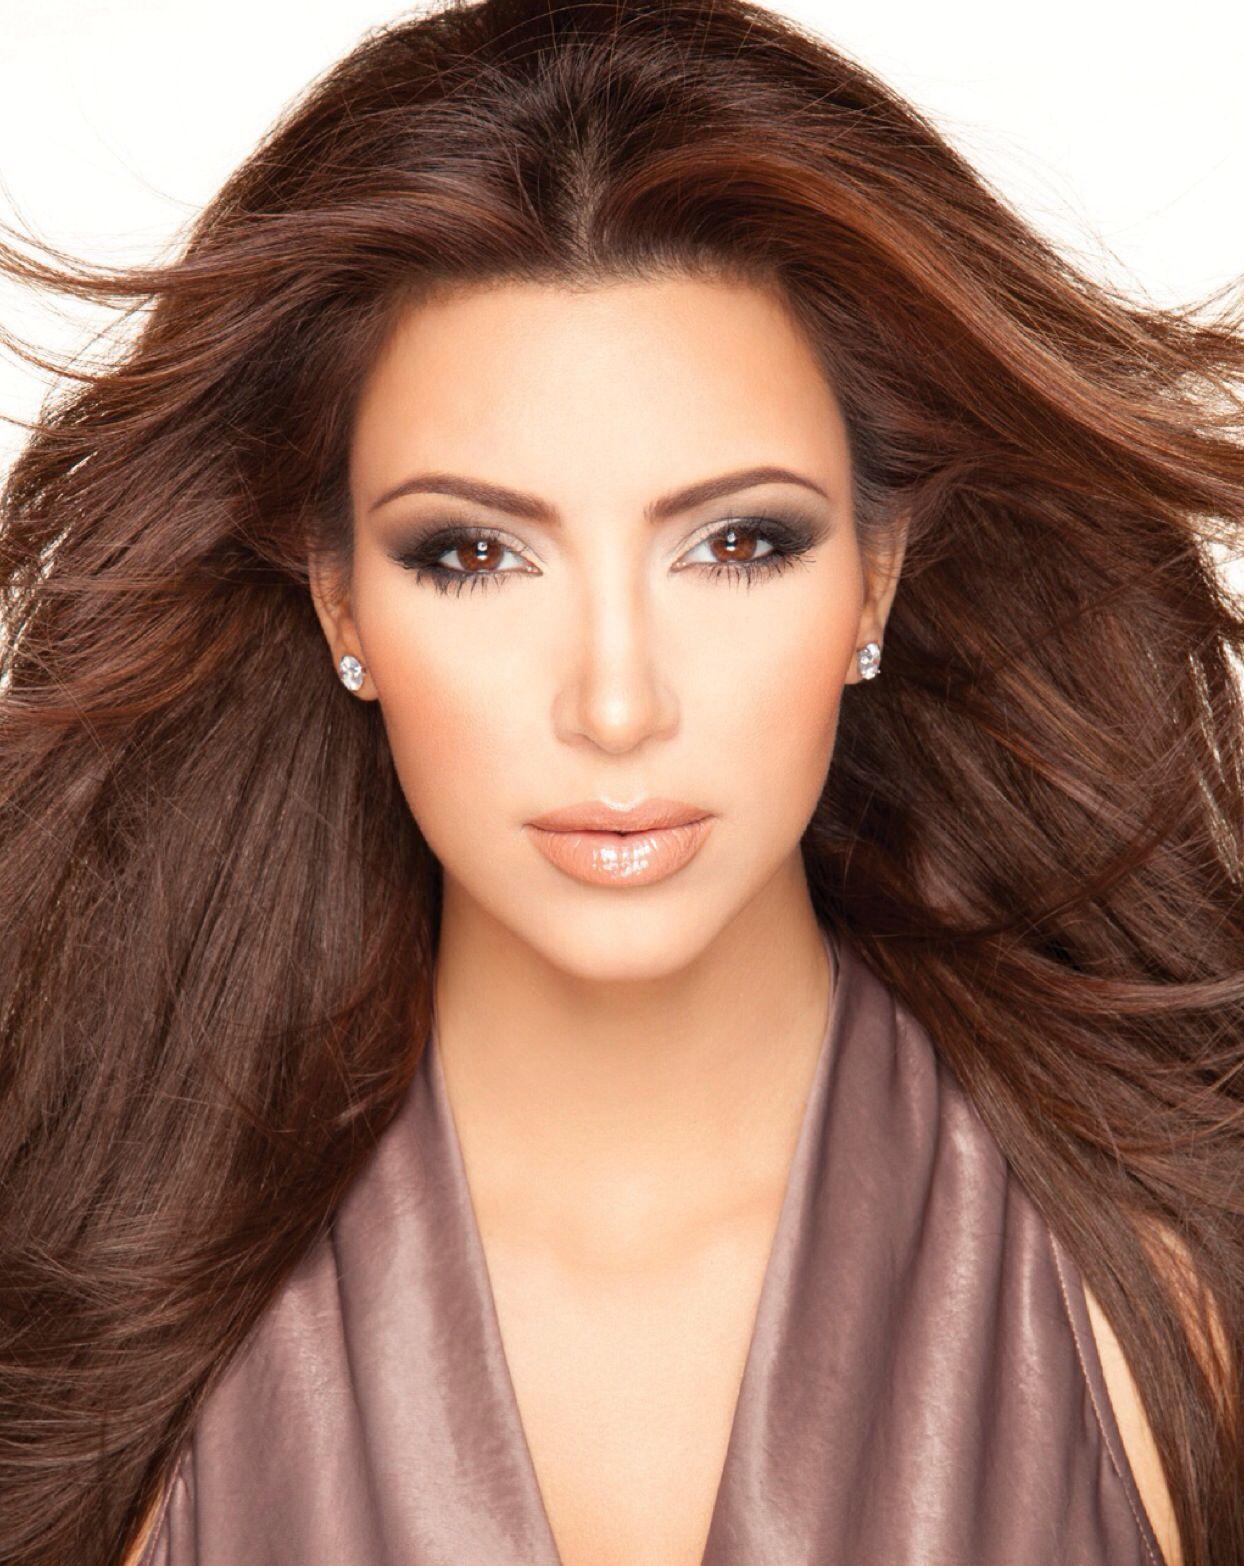 Pin by Itscarin on Makeup Kim kardashian makeup